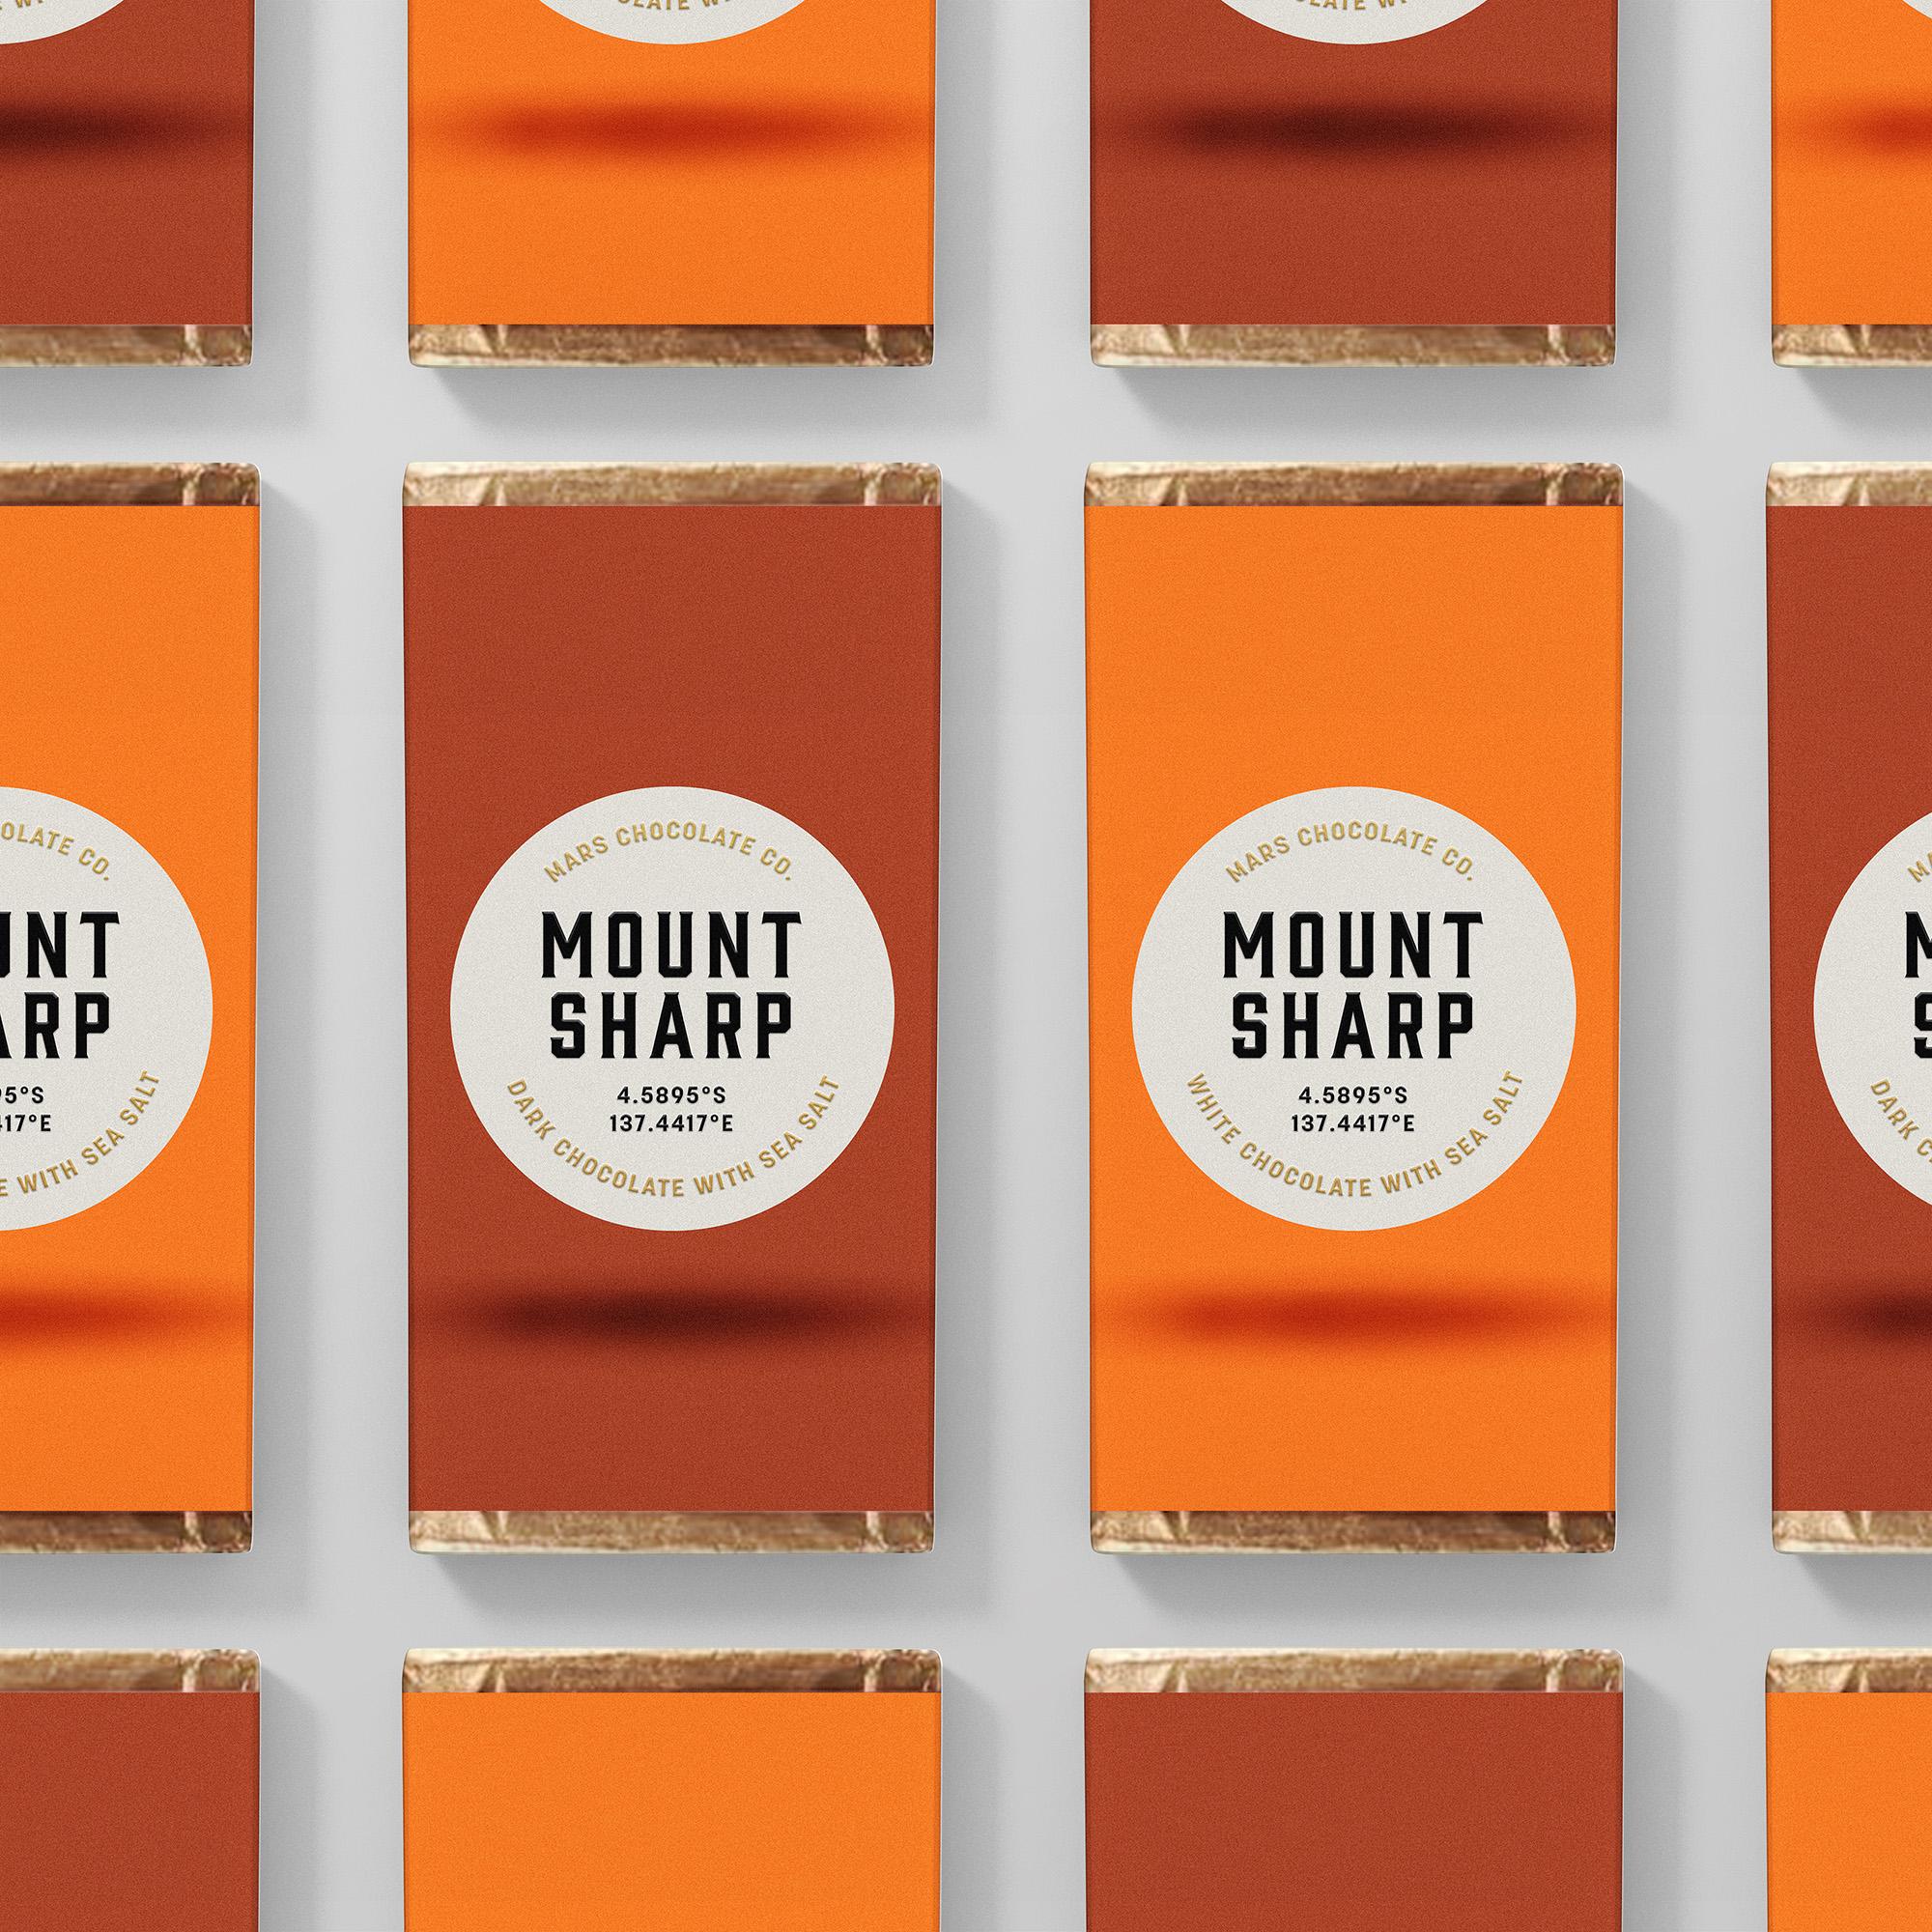 Mount Sharp chocolate bars packaging Franziska Böttcher